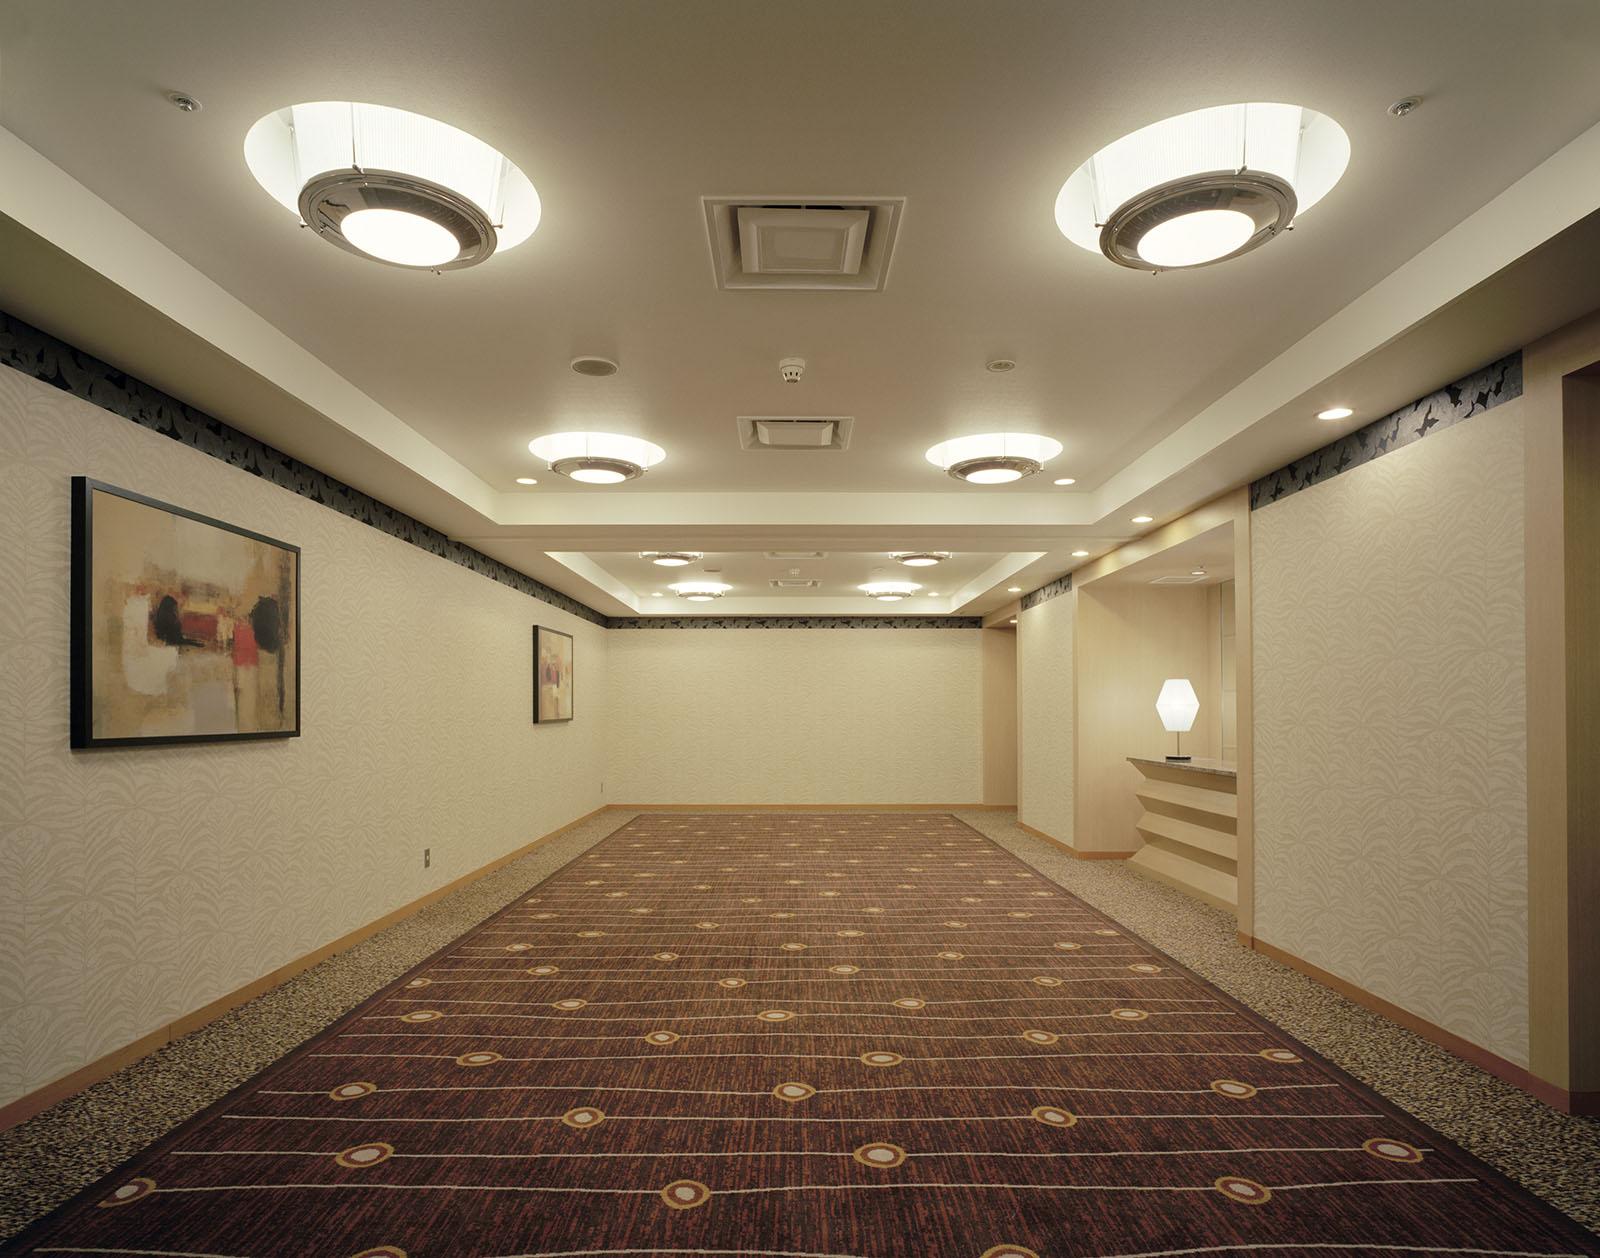 富山 第 一 ホテル 営業終了前に感謝のディナーショー 富山第一ホテル